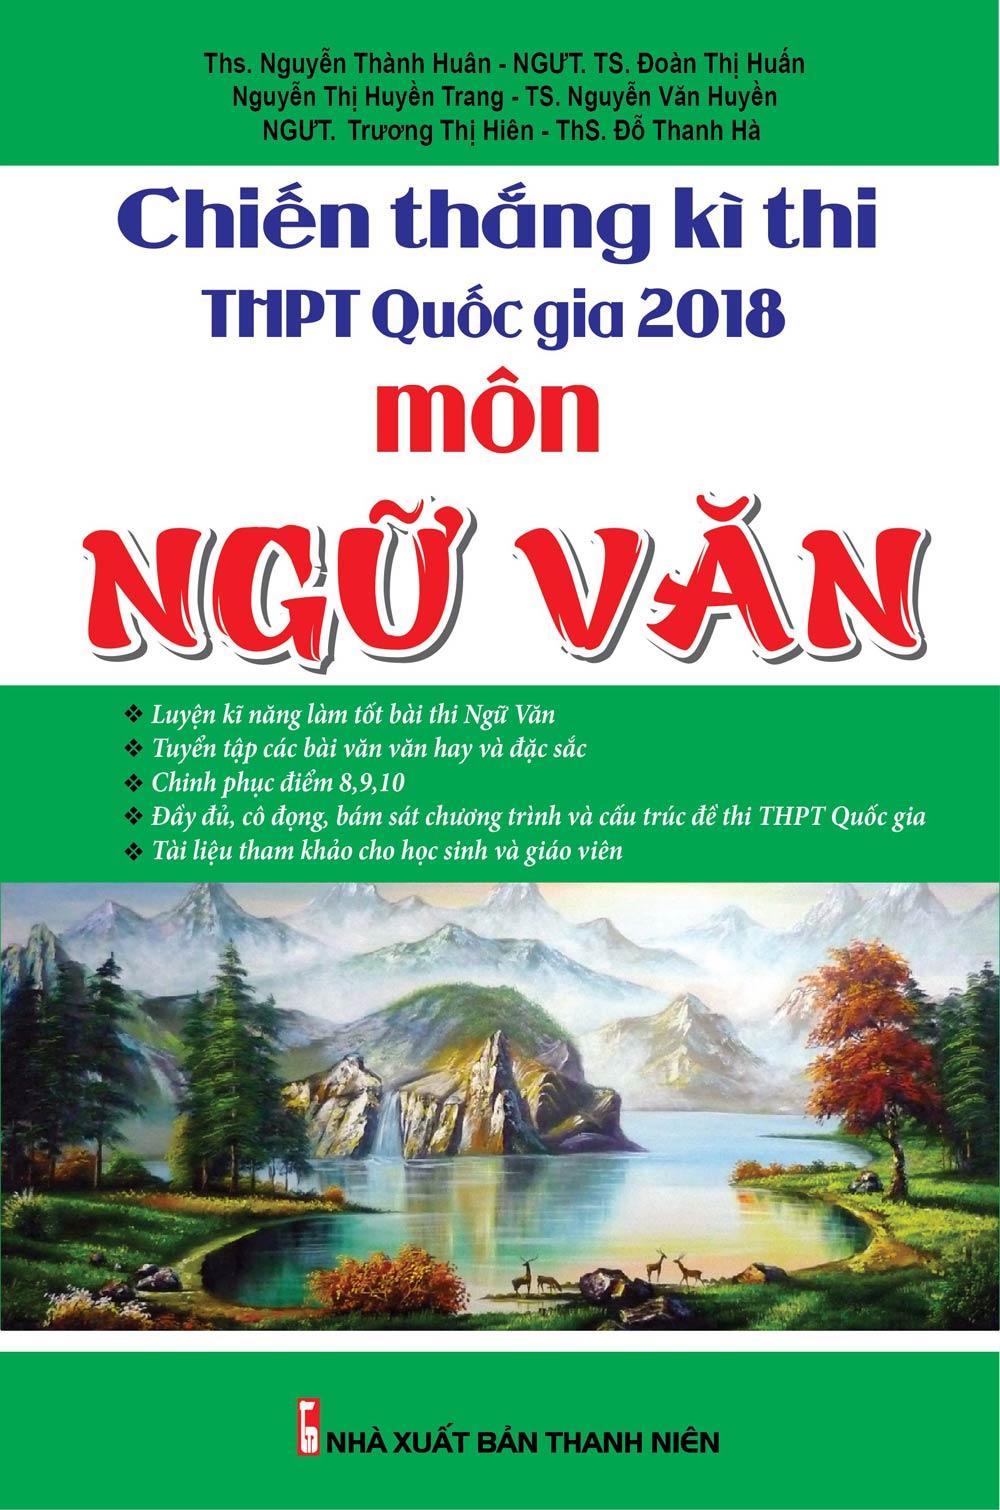 Chiến Thắng Kì Thi THPT Quốc Gia 2018 Môn Ngữ Văn - EBOOK/PDF/PRC/EPUB